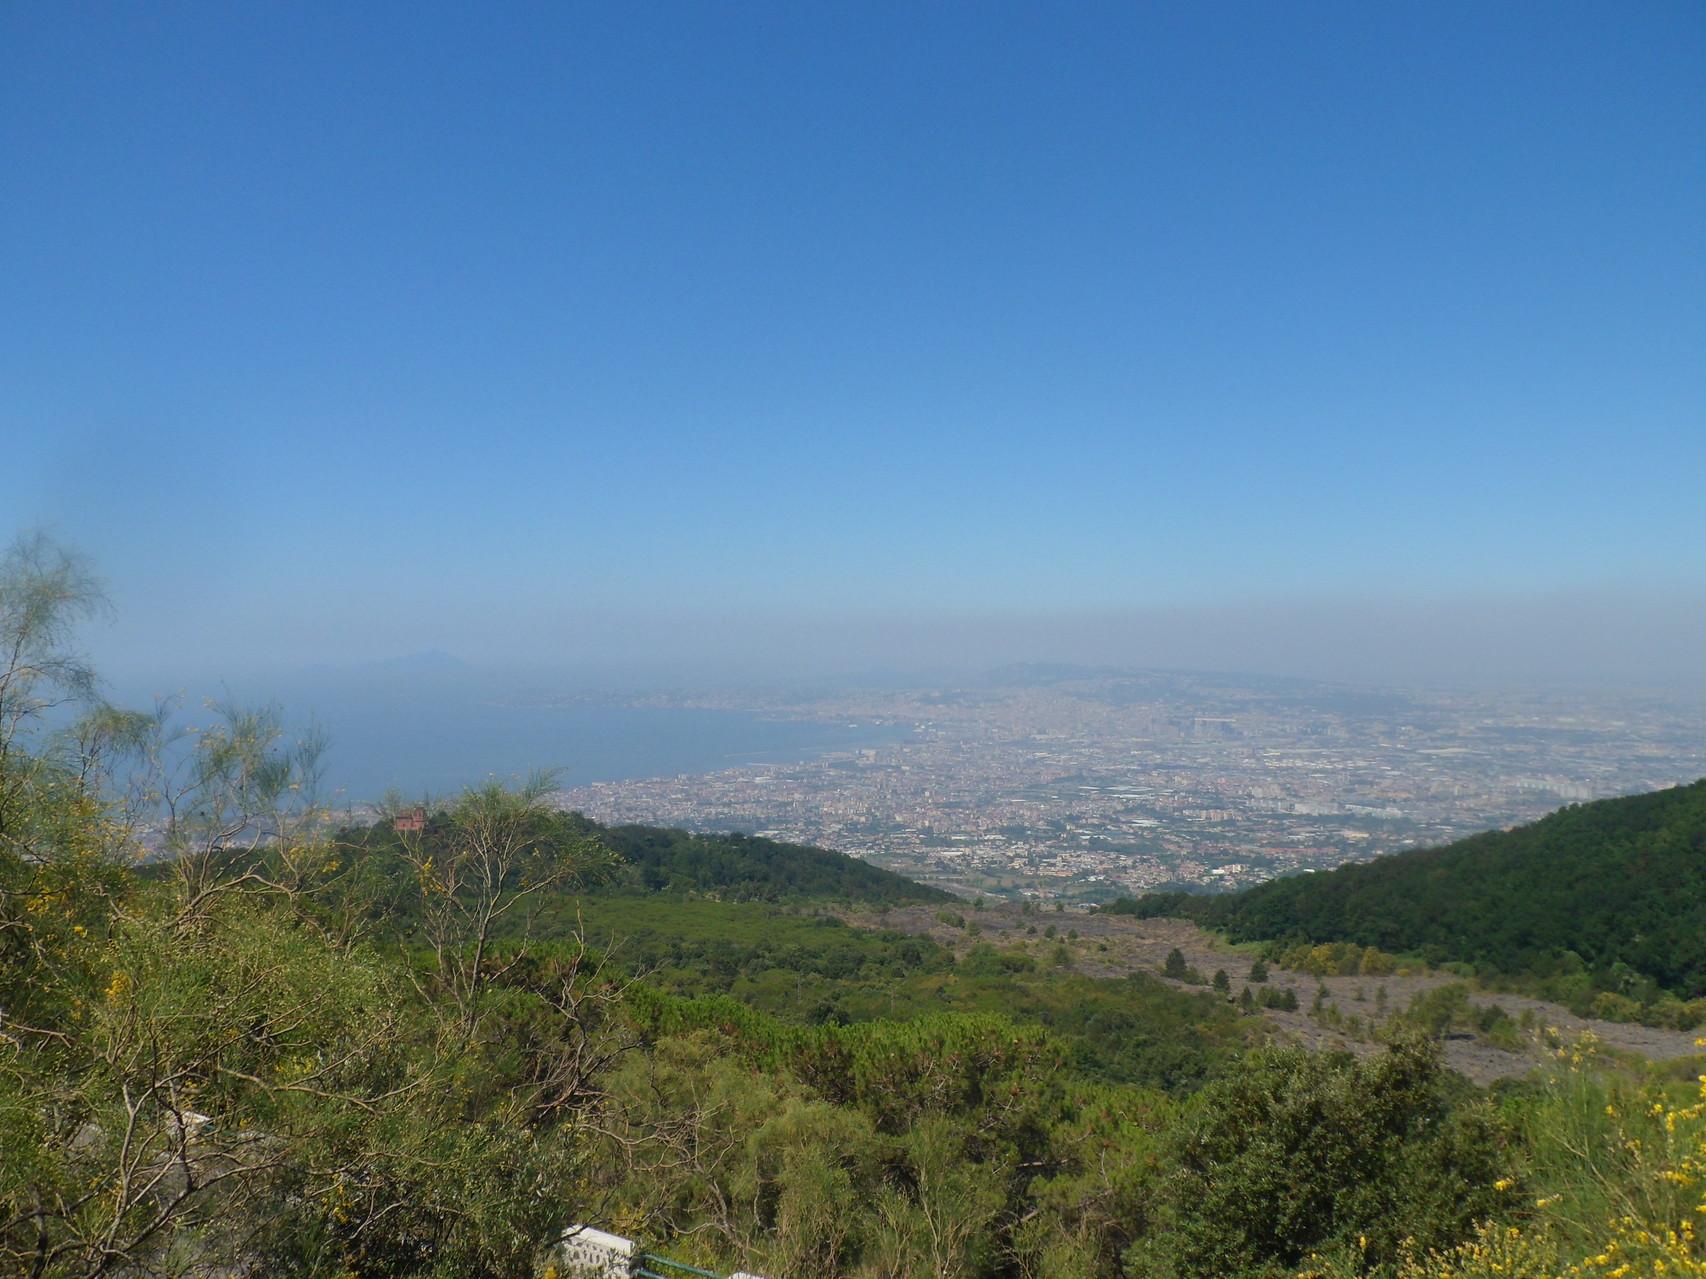 Vista de la bahía de Nápoles desde el Vesubio